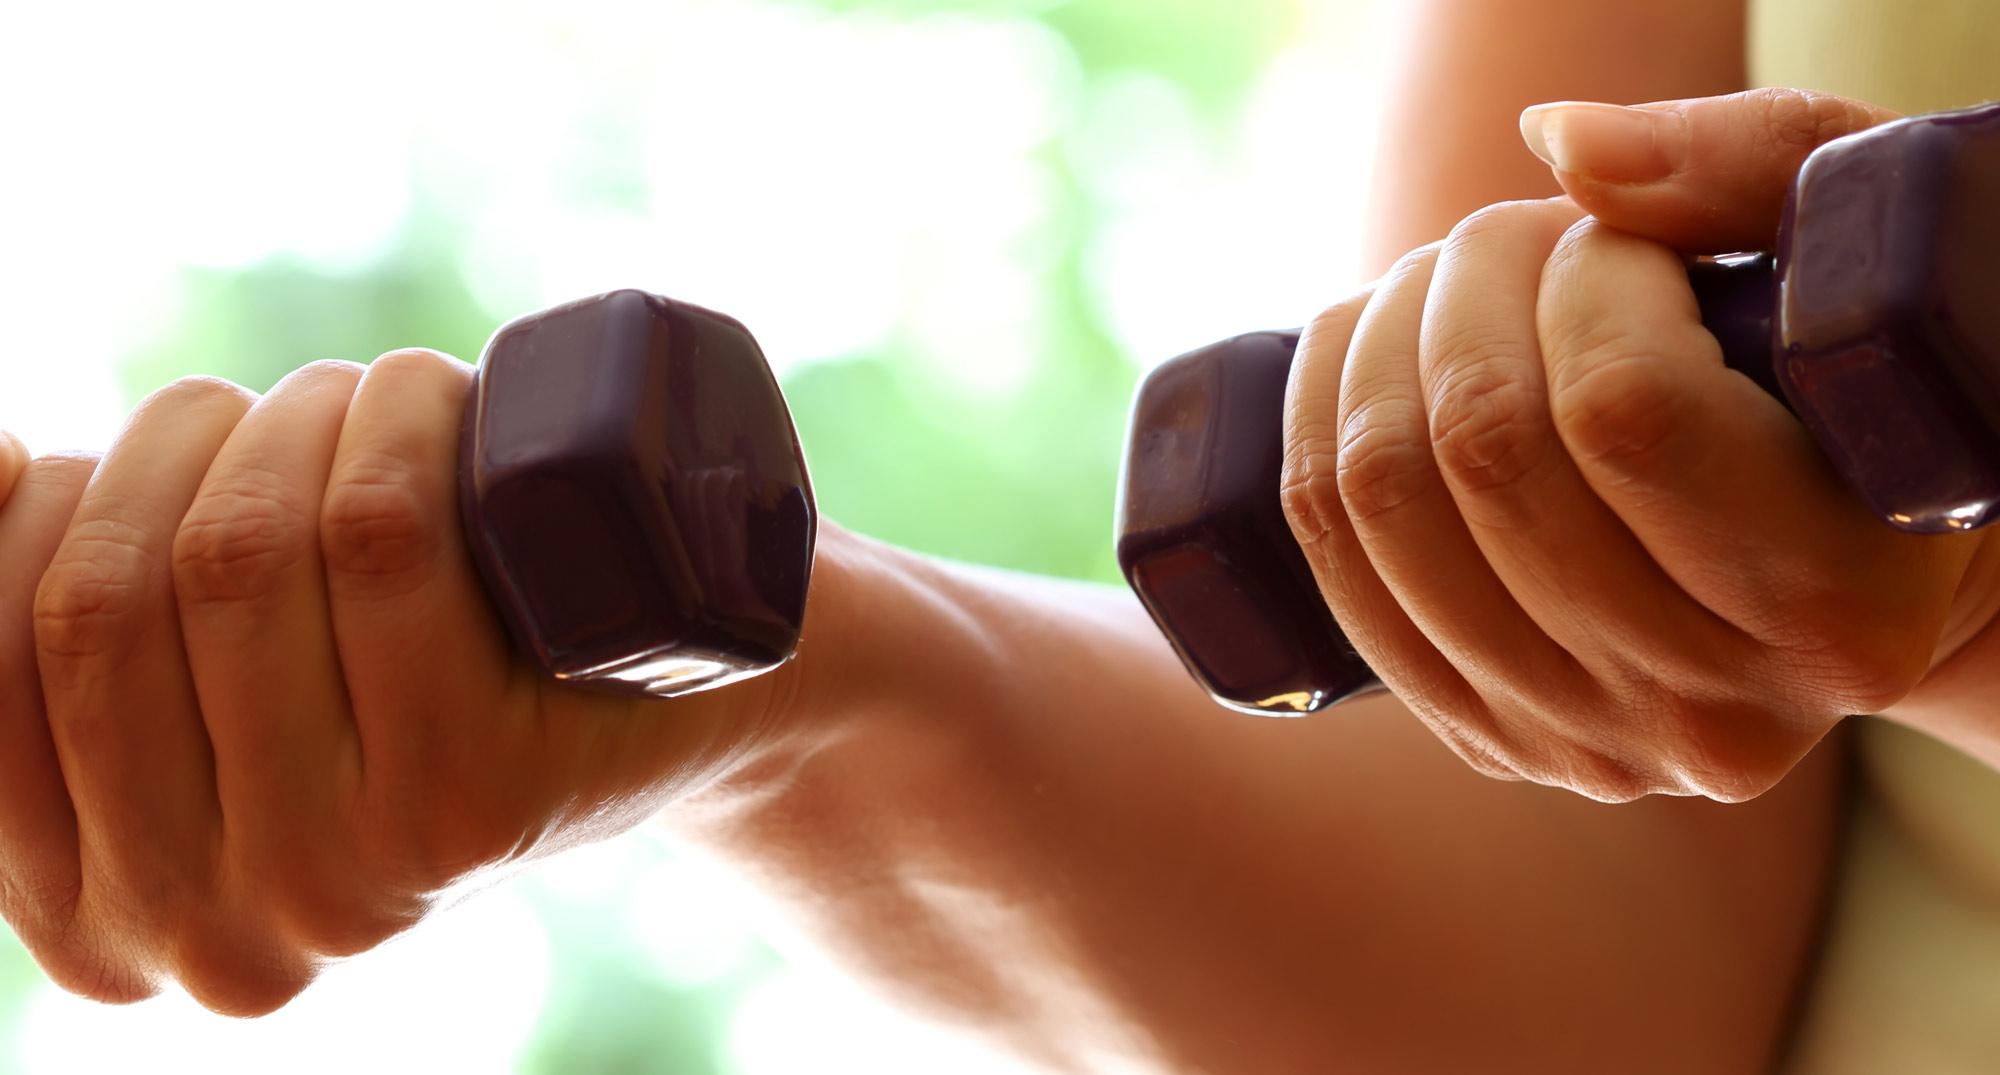 Correct Technique When Exercising